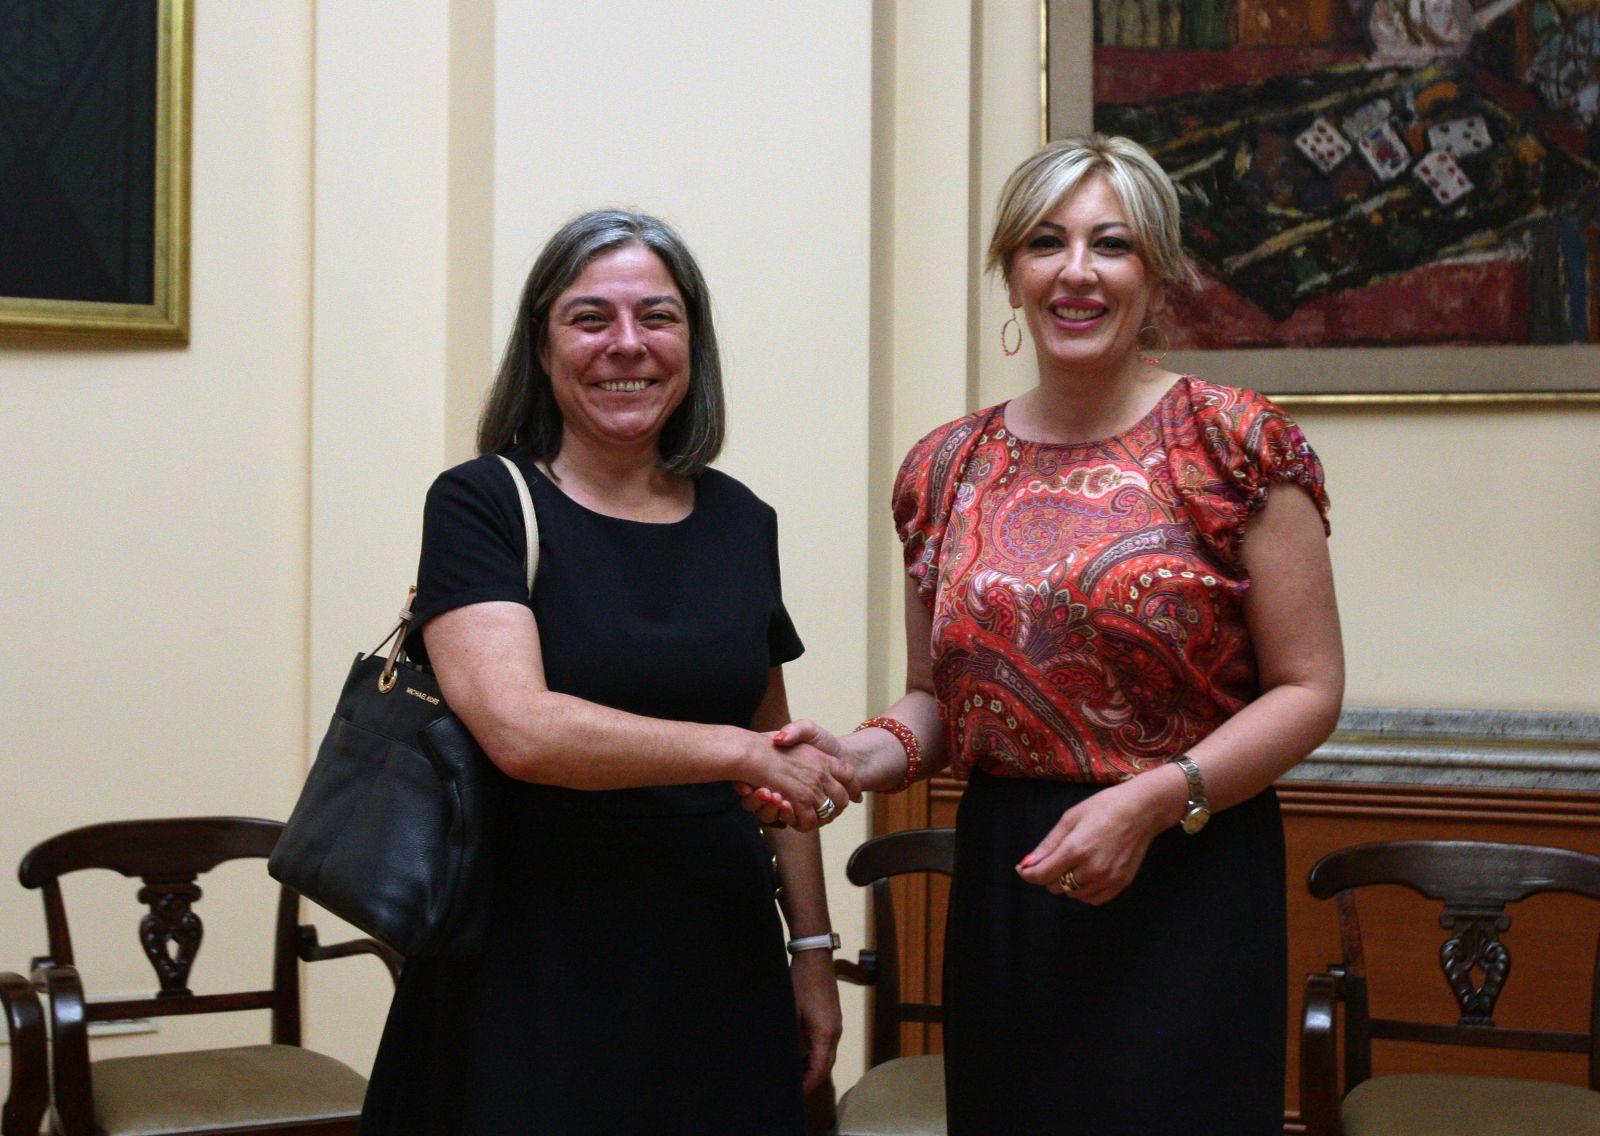 Ј. Јоксимовић и Пина: Португалија искрено подржава европске интеграције Србије